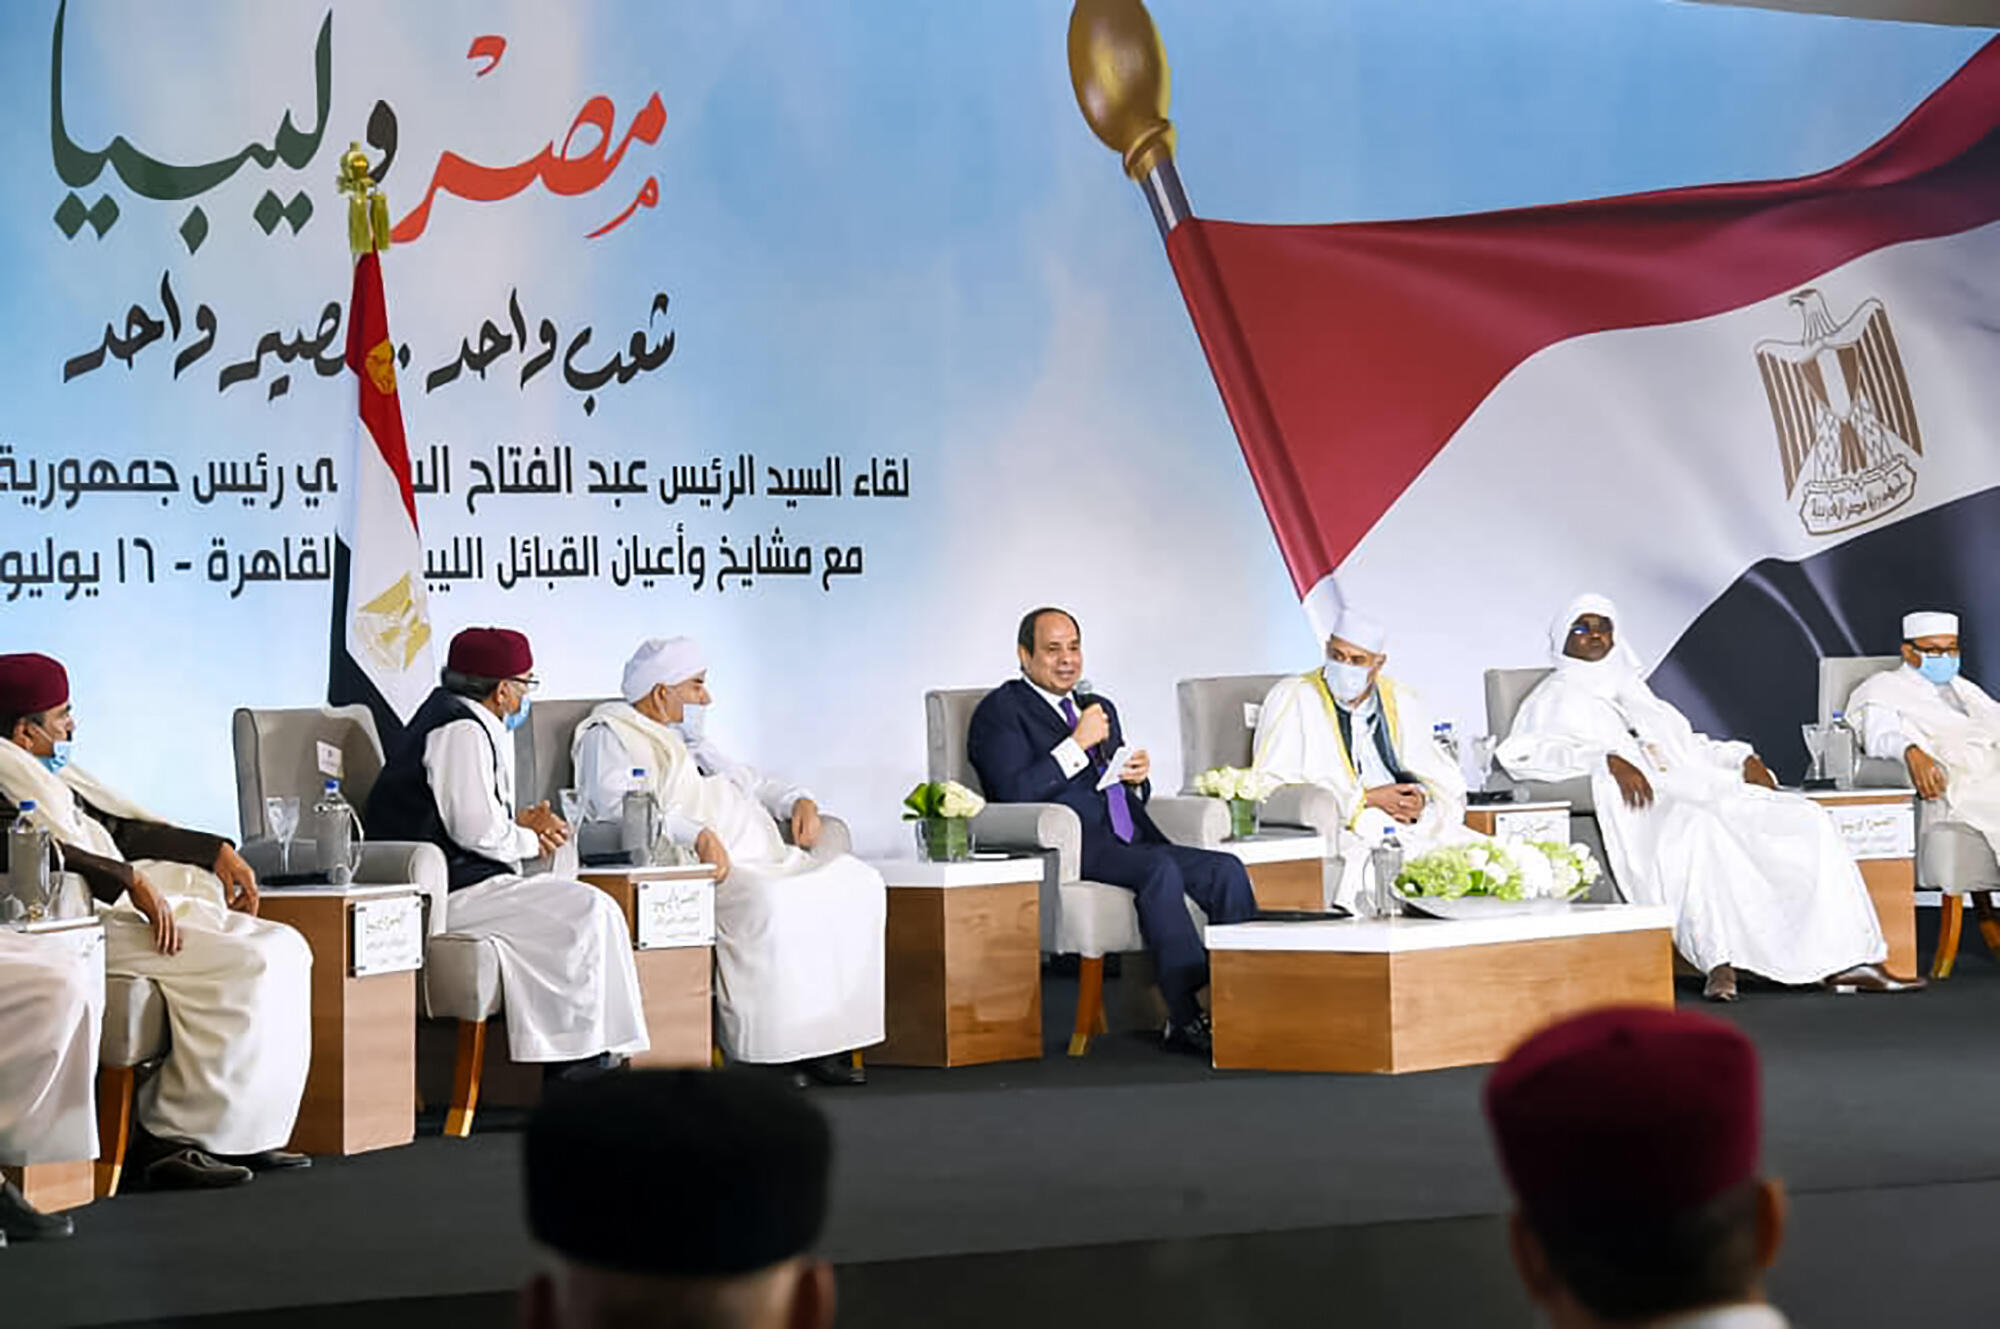 صورة نشرت على صفحة المتحدث باسم الرئاسة المصرية الرسمية على فيسبوك بتاريخ 16 يوليو/تموز 2020 تظهر الرئيس عبد الفتاح السيسي أثناء لقائه بشيوخ قبائل ليبية خلال مؤتمر في القاهرة.